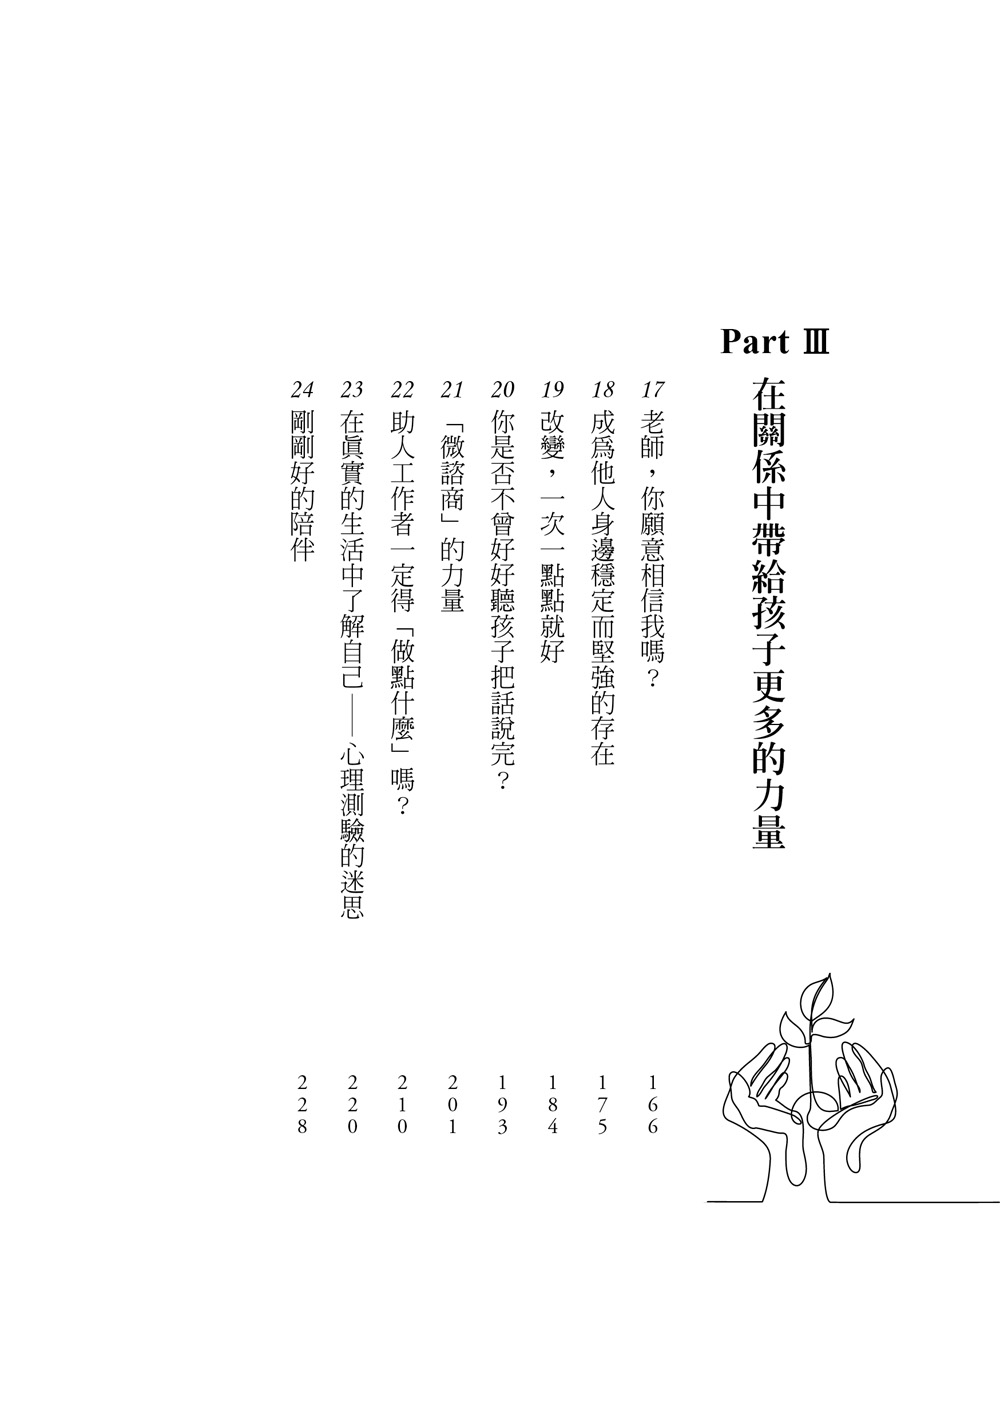 http://im1.book.com.tw/image/getImage?i=http://www.books.com.tw/img/001/077/08/0010770814_b_04.jpg&v=5a0c1764&w=655&h=609